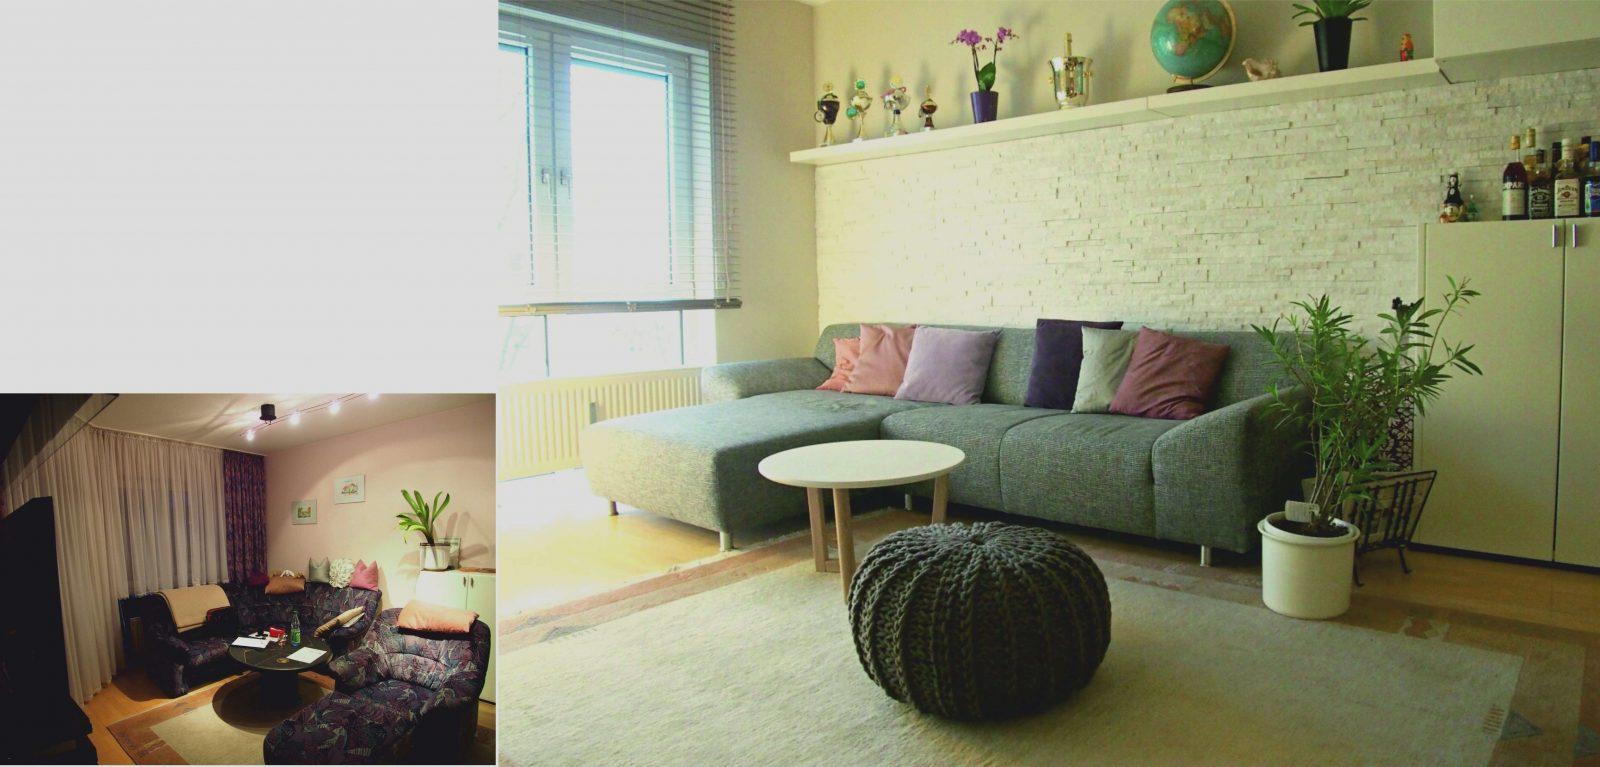 ... Einzigartig Wohnzimmer Neu Gestalten Tipps Haus U0026amp; Interieur Ideen  Von Wohnzimmer Neu Gestalten Tipps ...